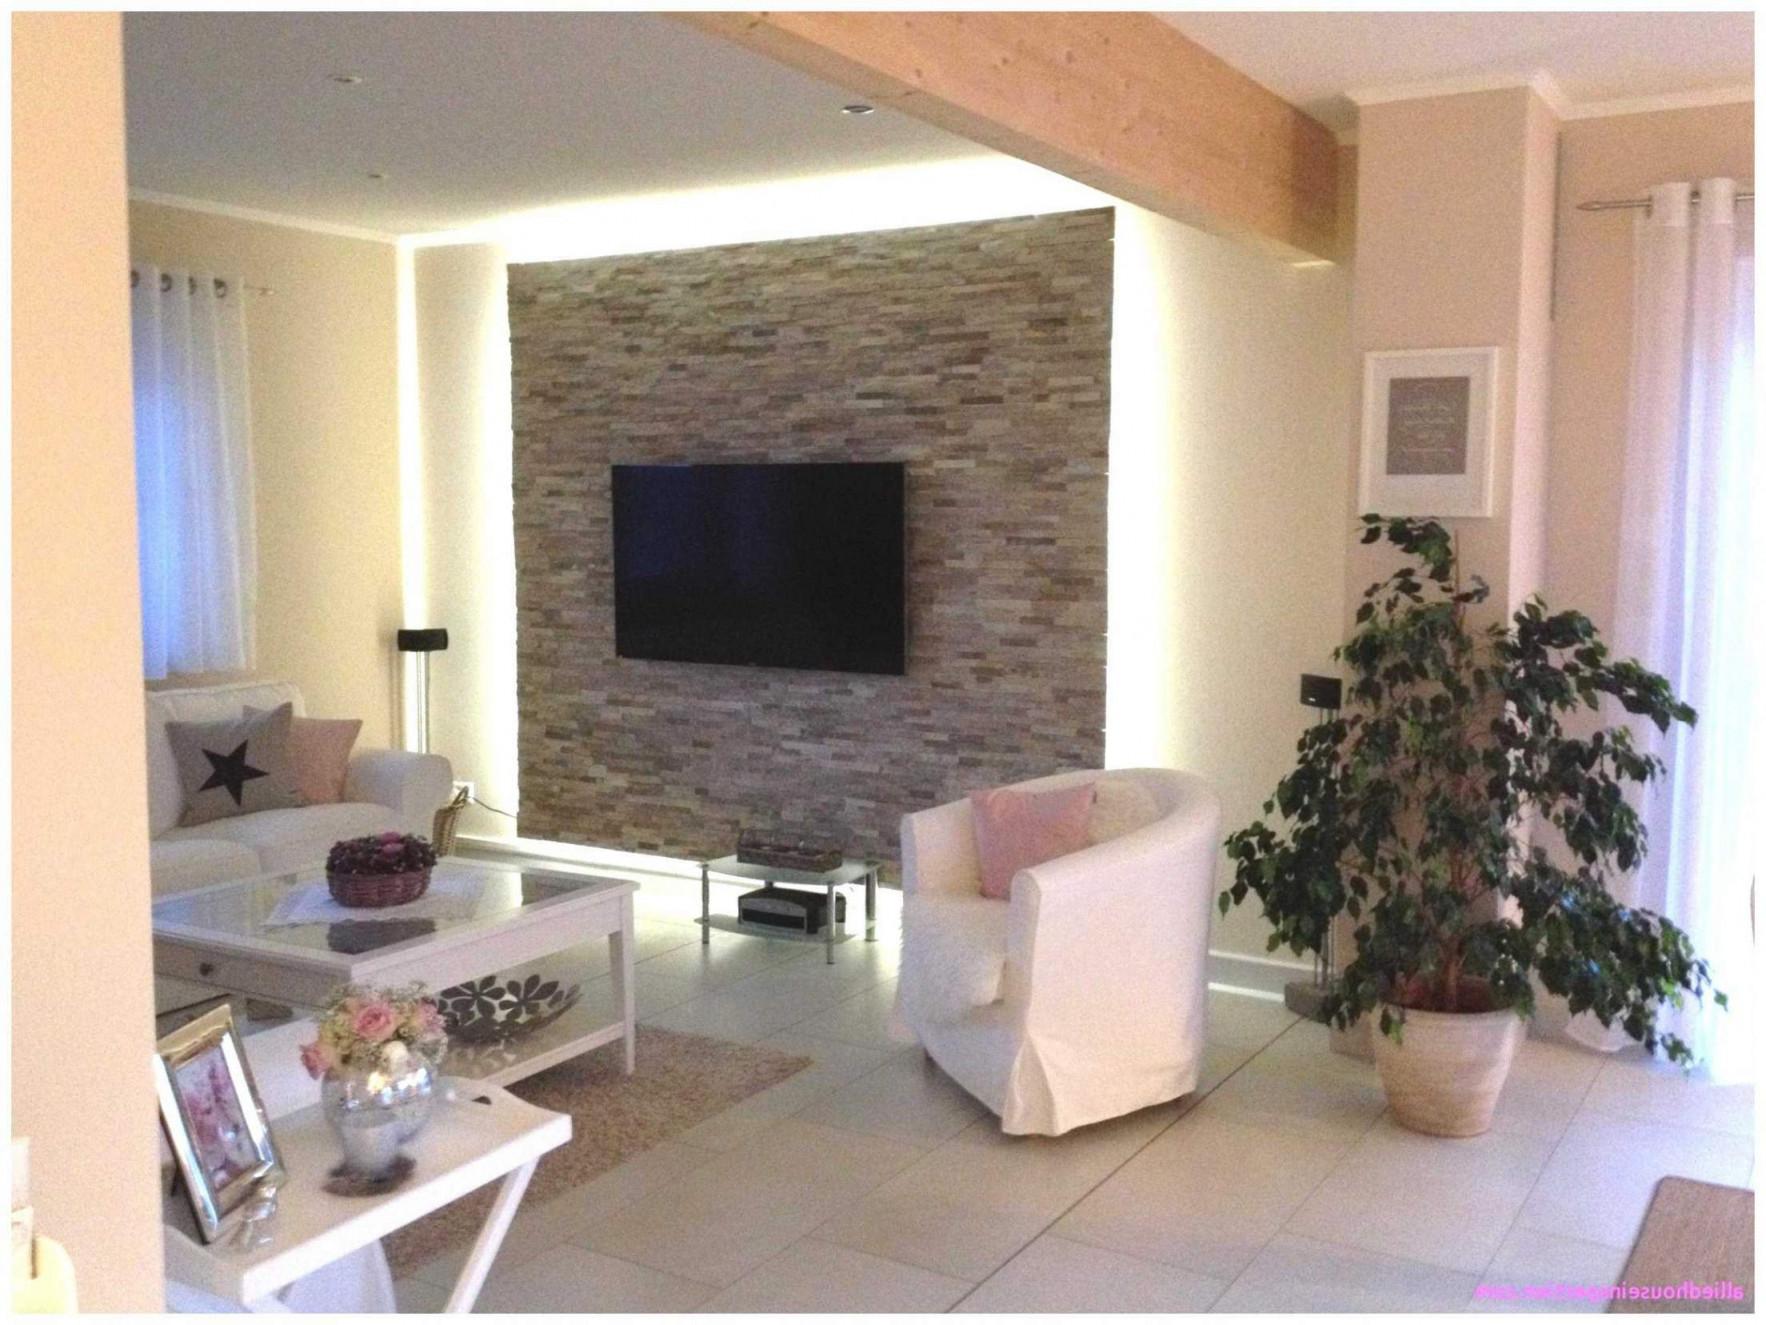 33 Reizend Wohnzimmer Modern Einrichten Genial  Wohnzimmer von Wohnzimmer Modern Einrichten Bild